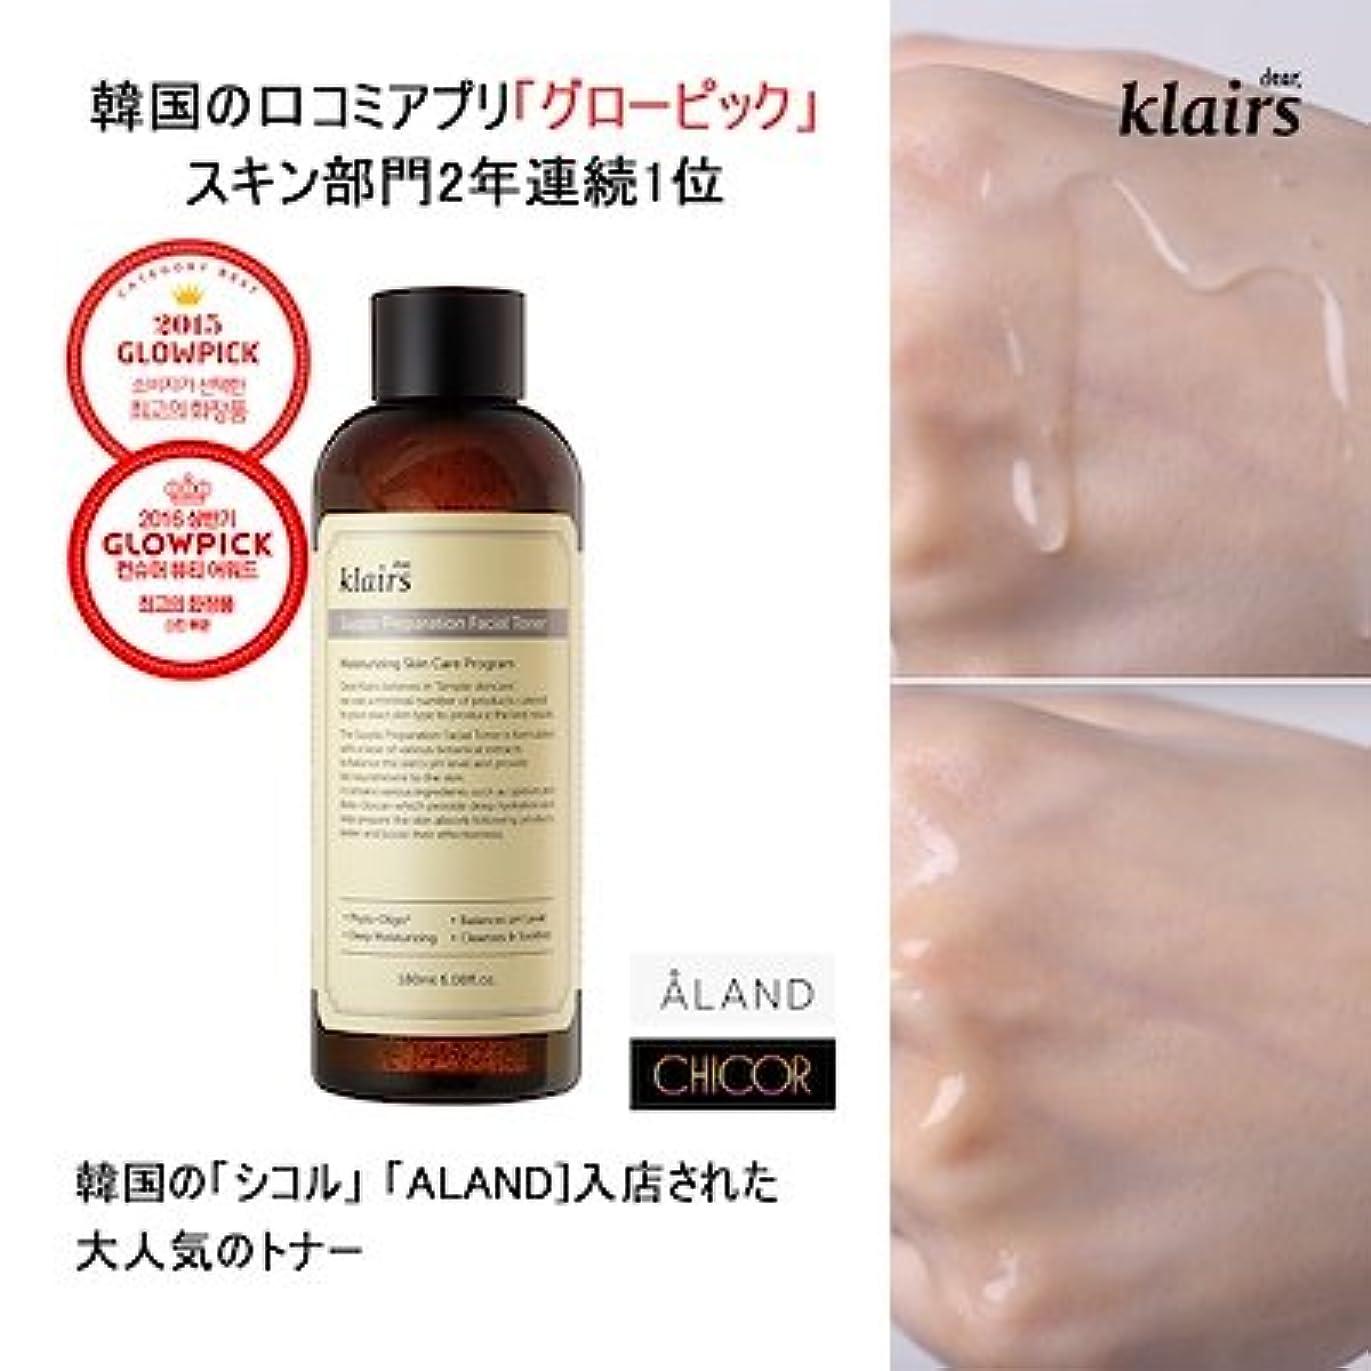 【クレアス(Klairs)】サプルプレパレーションフェイシャルトナー, Supple Preparation Facial Toner, 180ml, [並行輸入品]